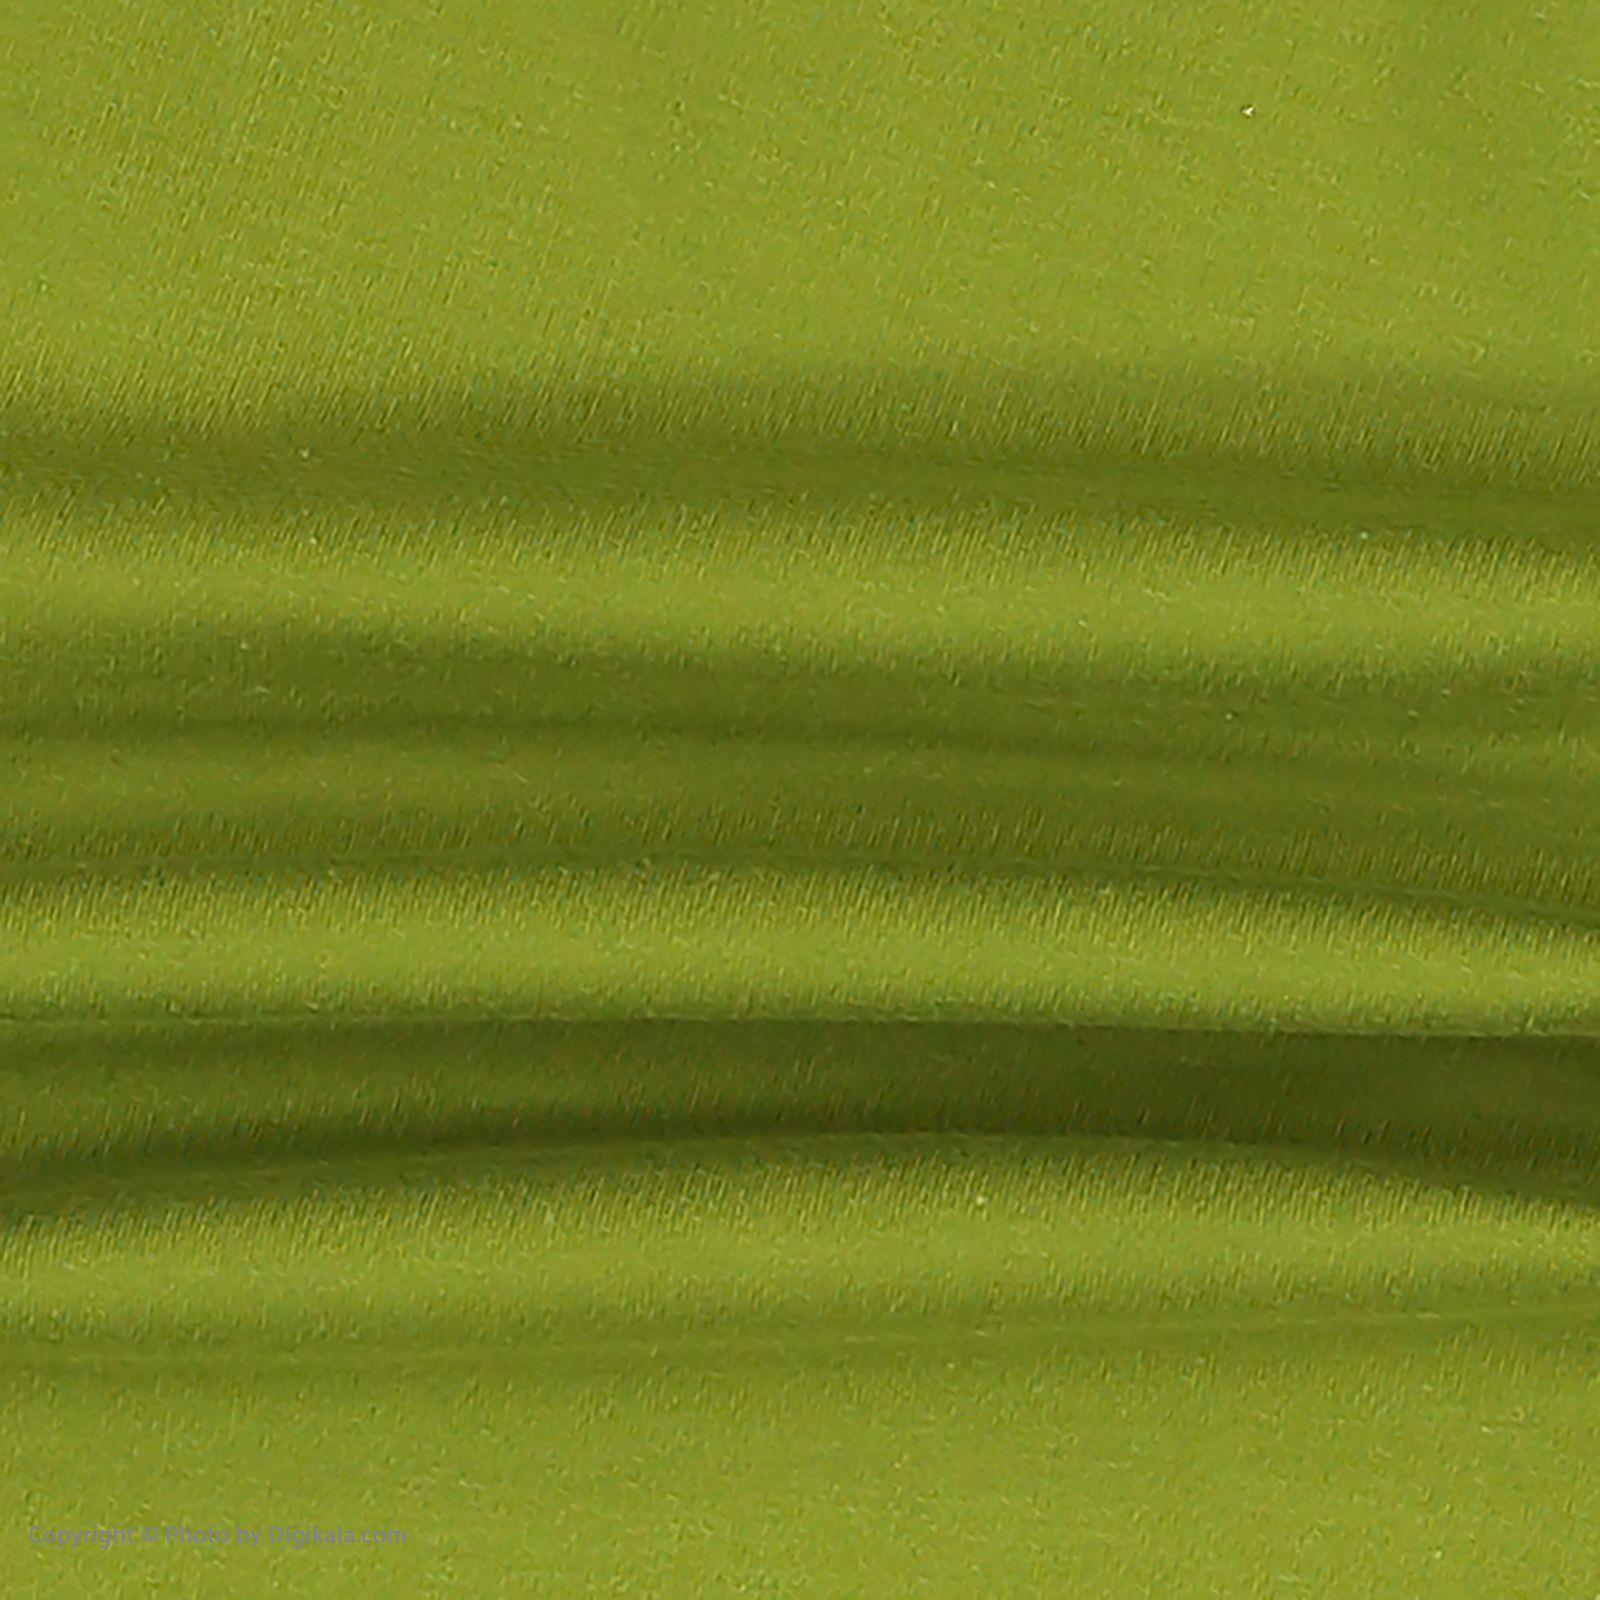 ست تی شرت و شلوار پسرانه مادر مدل 318-42 main 1 6